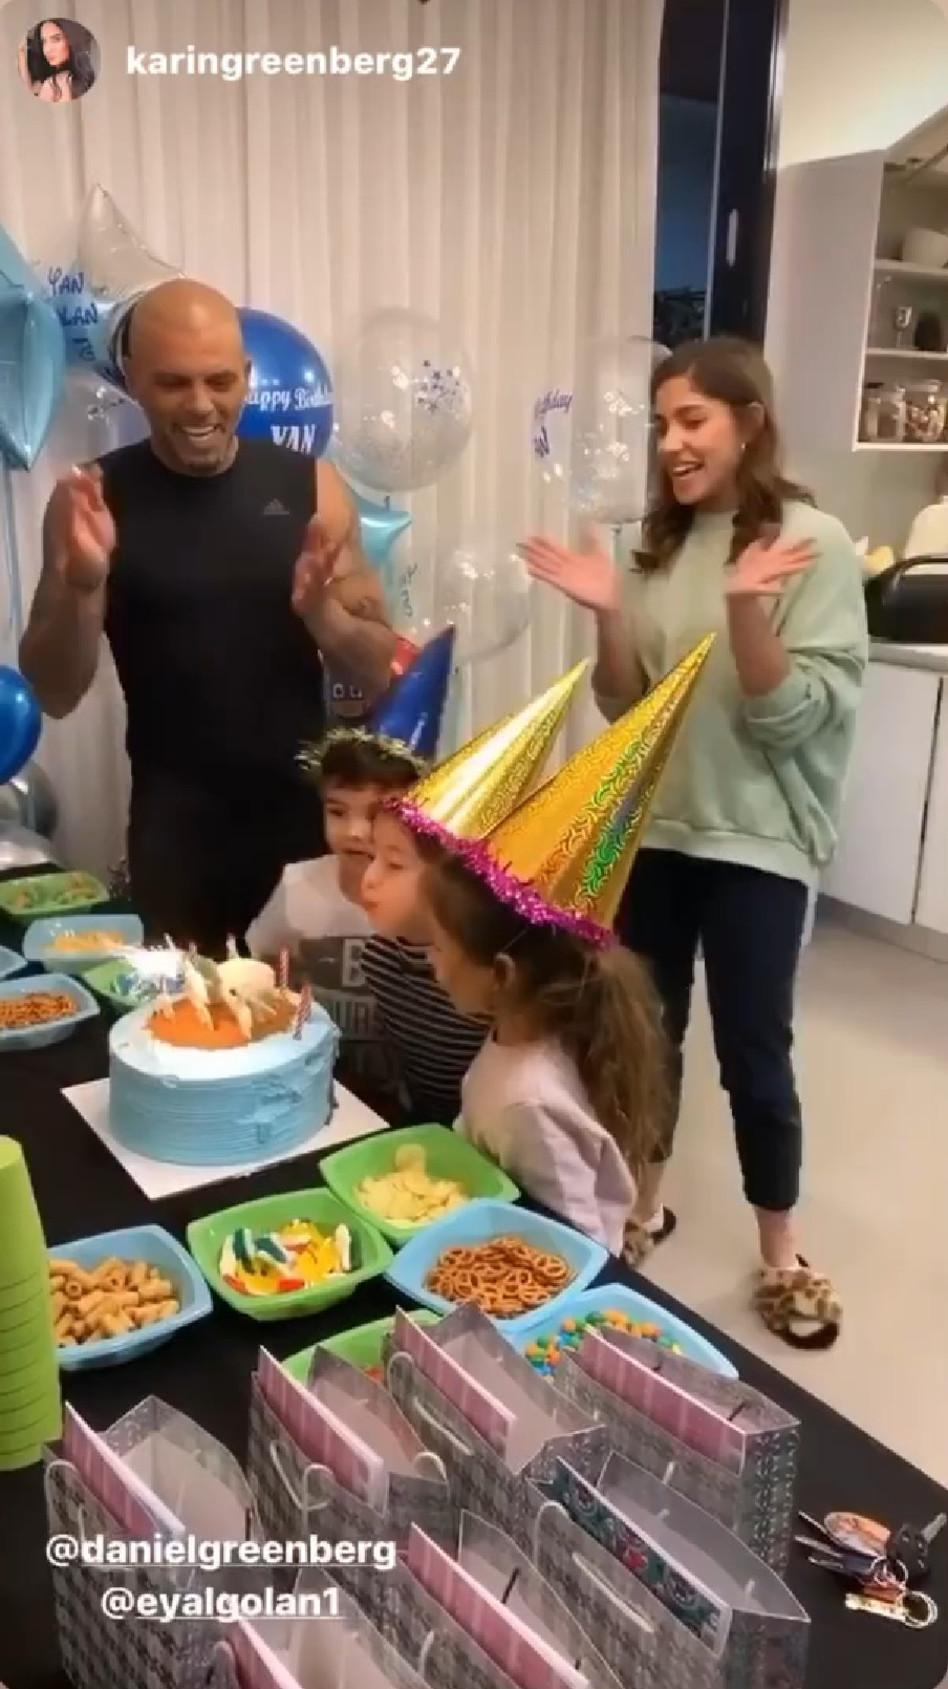 חוגגים ליאן יום הולדת 5 (צילום: אינסטגרם)